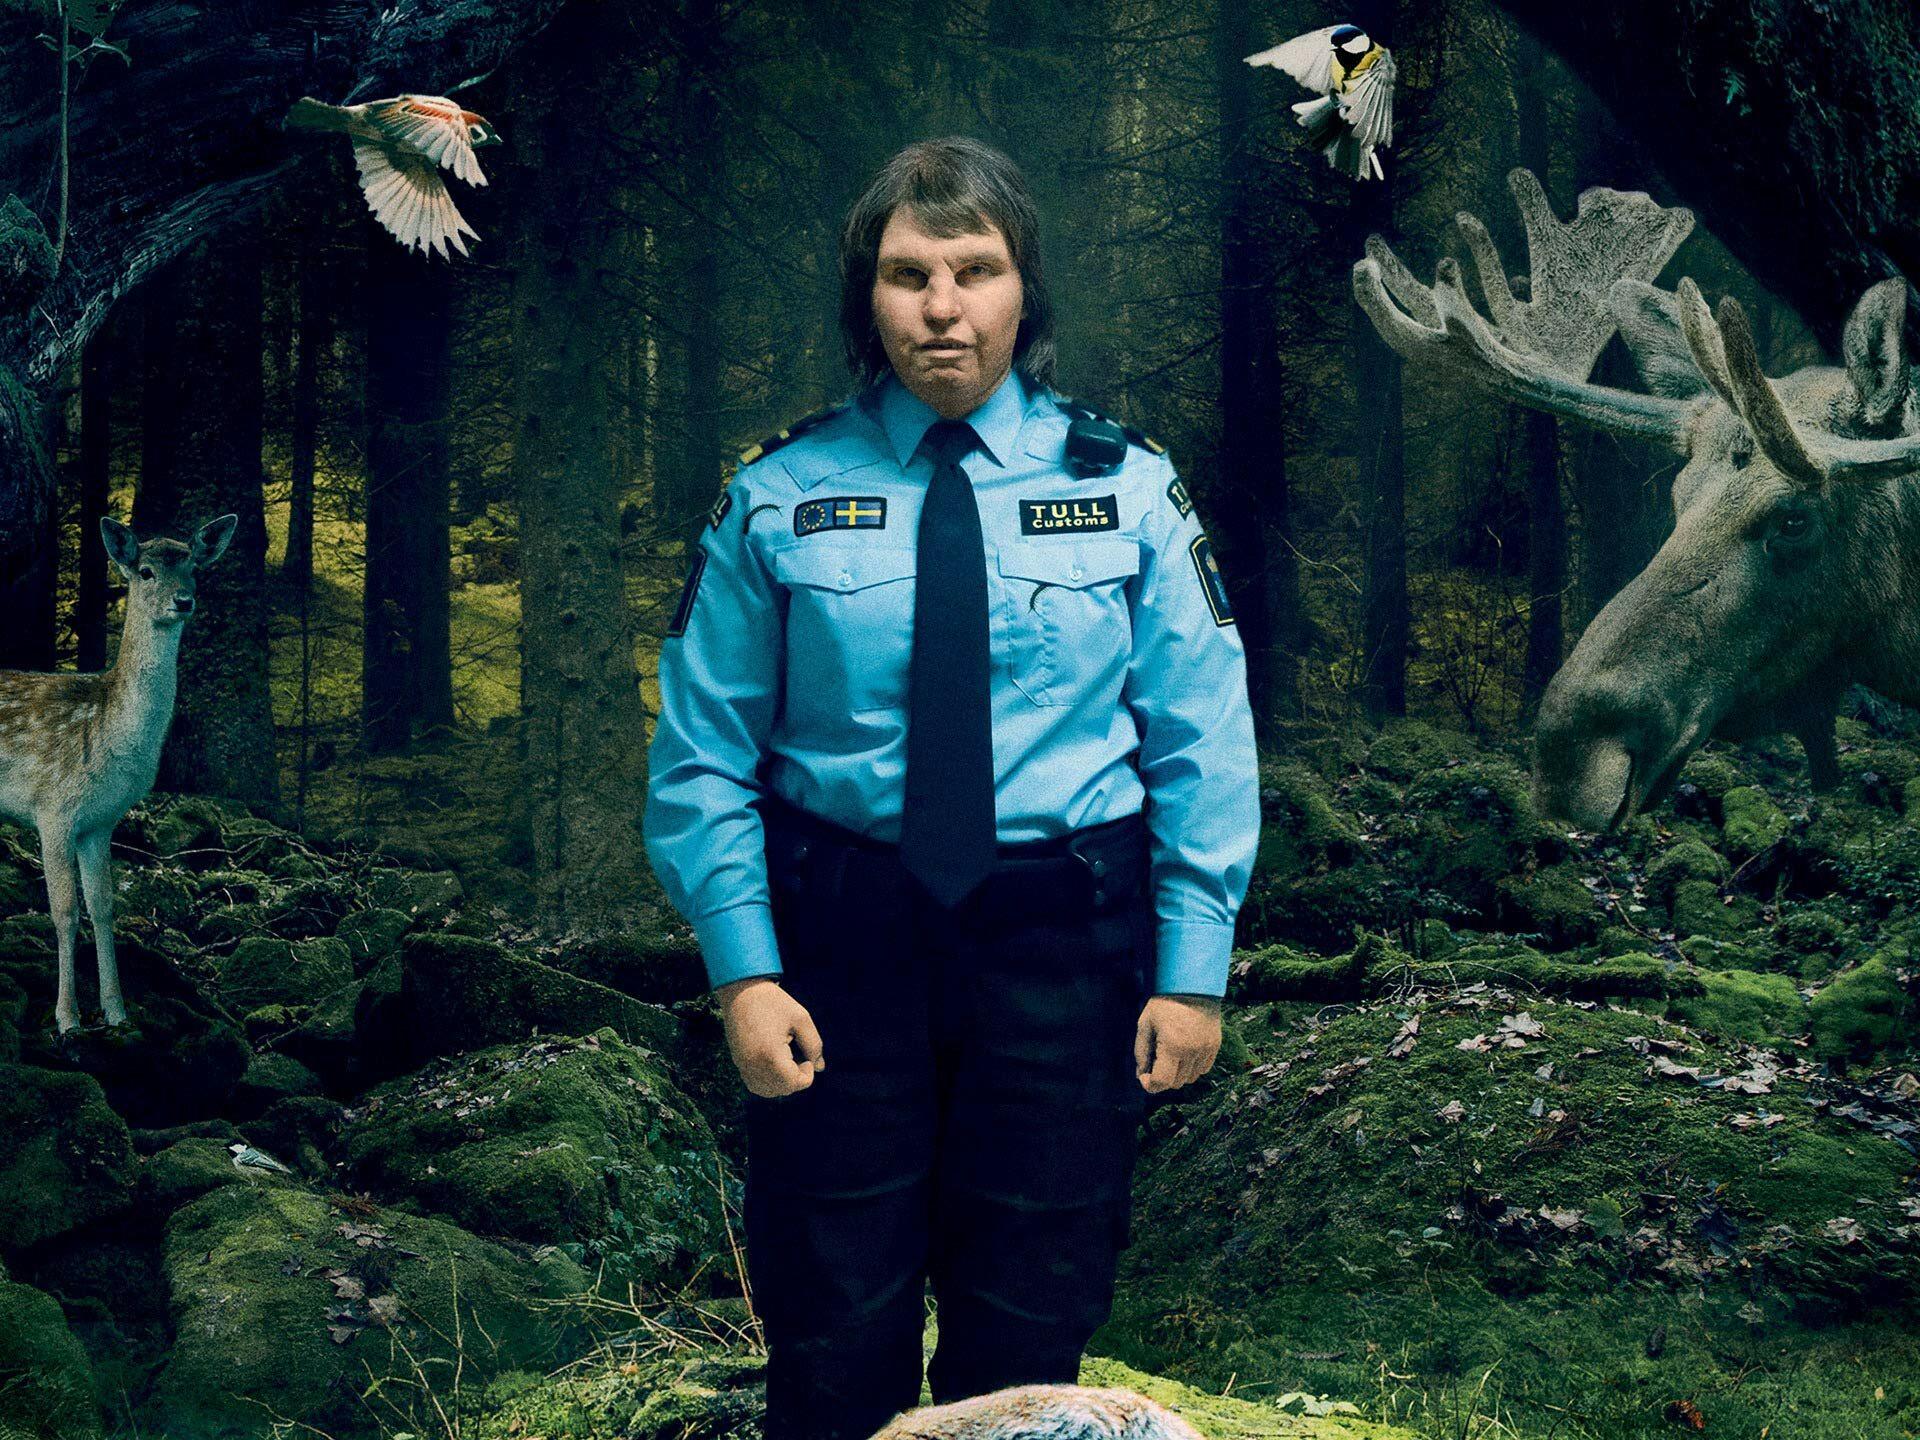 Un film d'Ali Abbasi (Suède, 2018), 1 h 50.